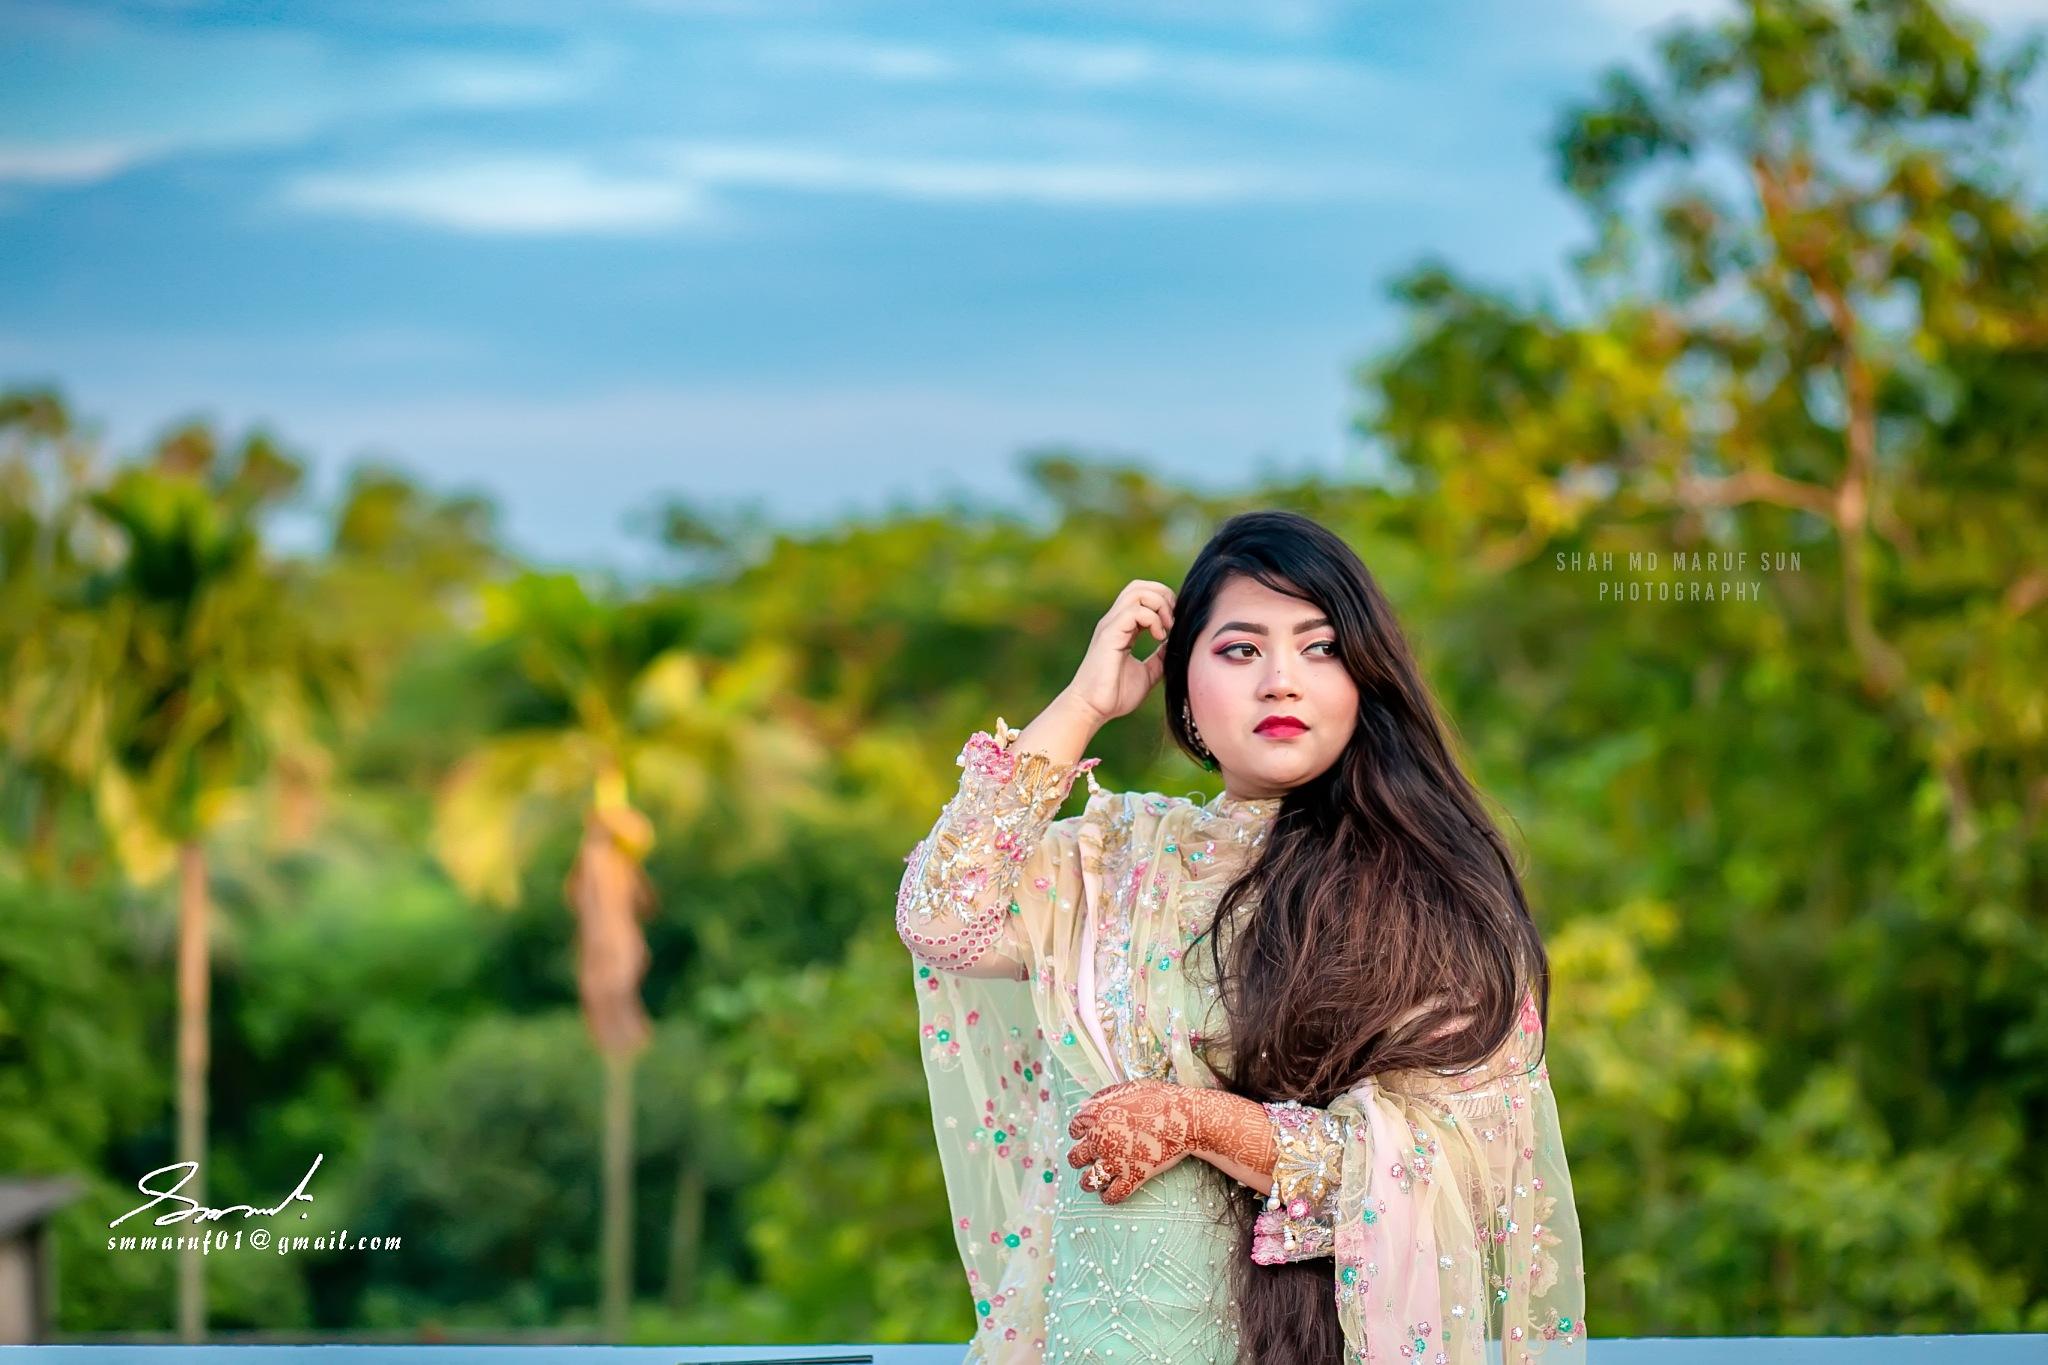 Rimi by Shah Md Maruf Sun